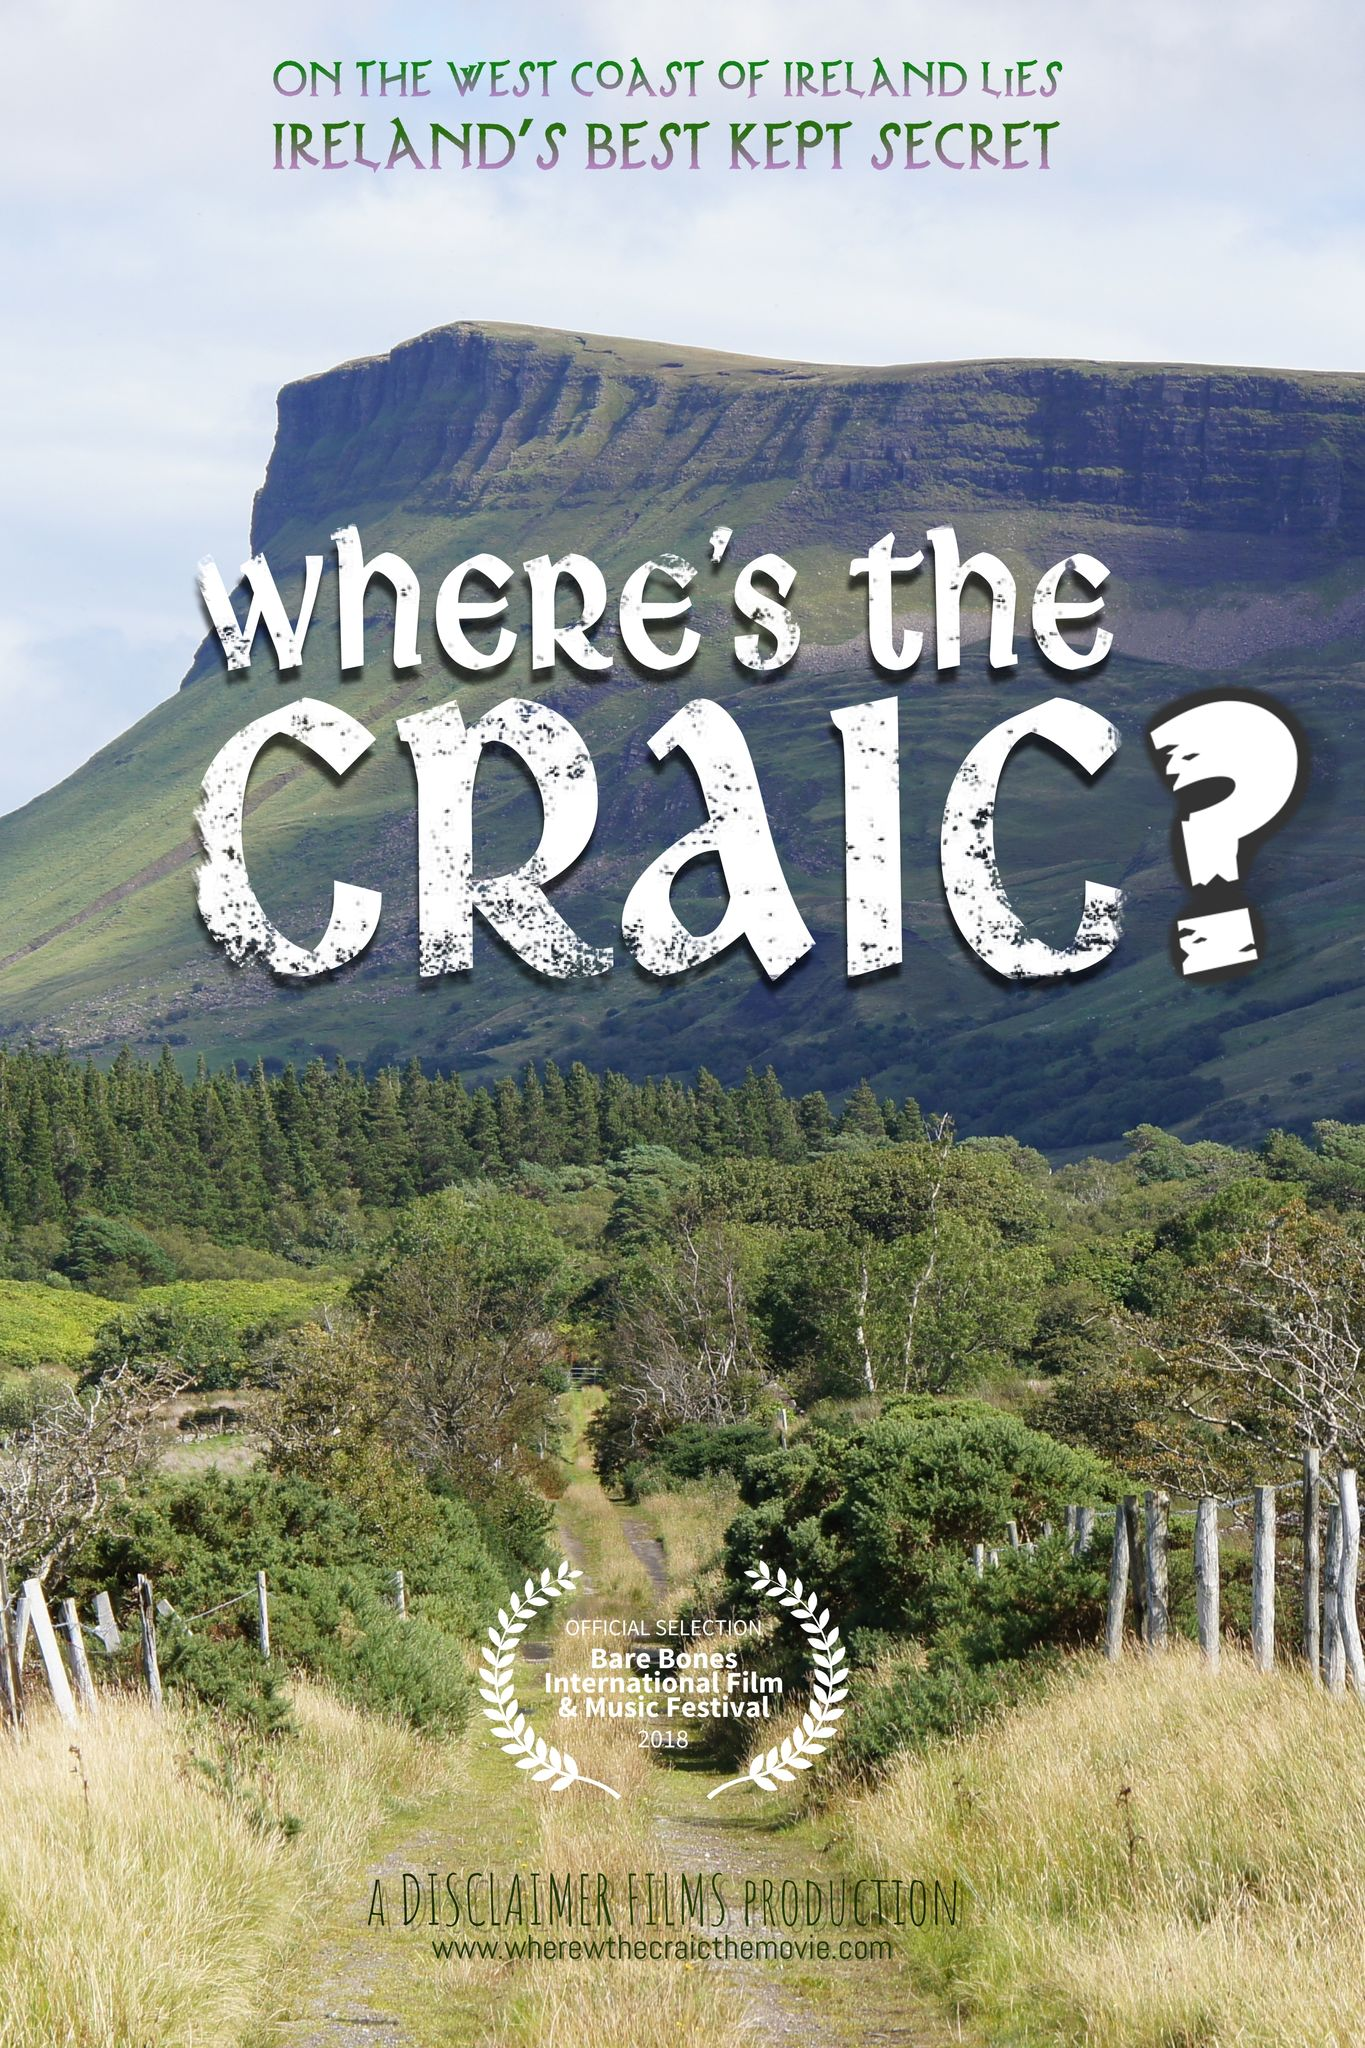 Where's the Craic?